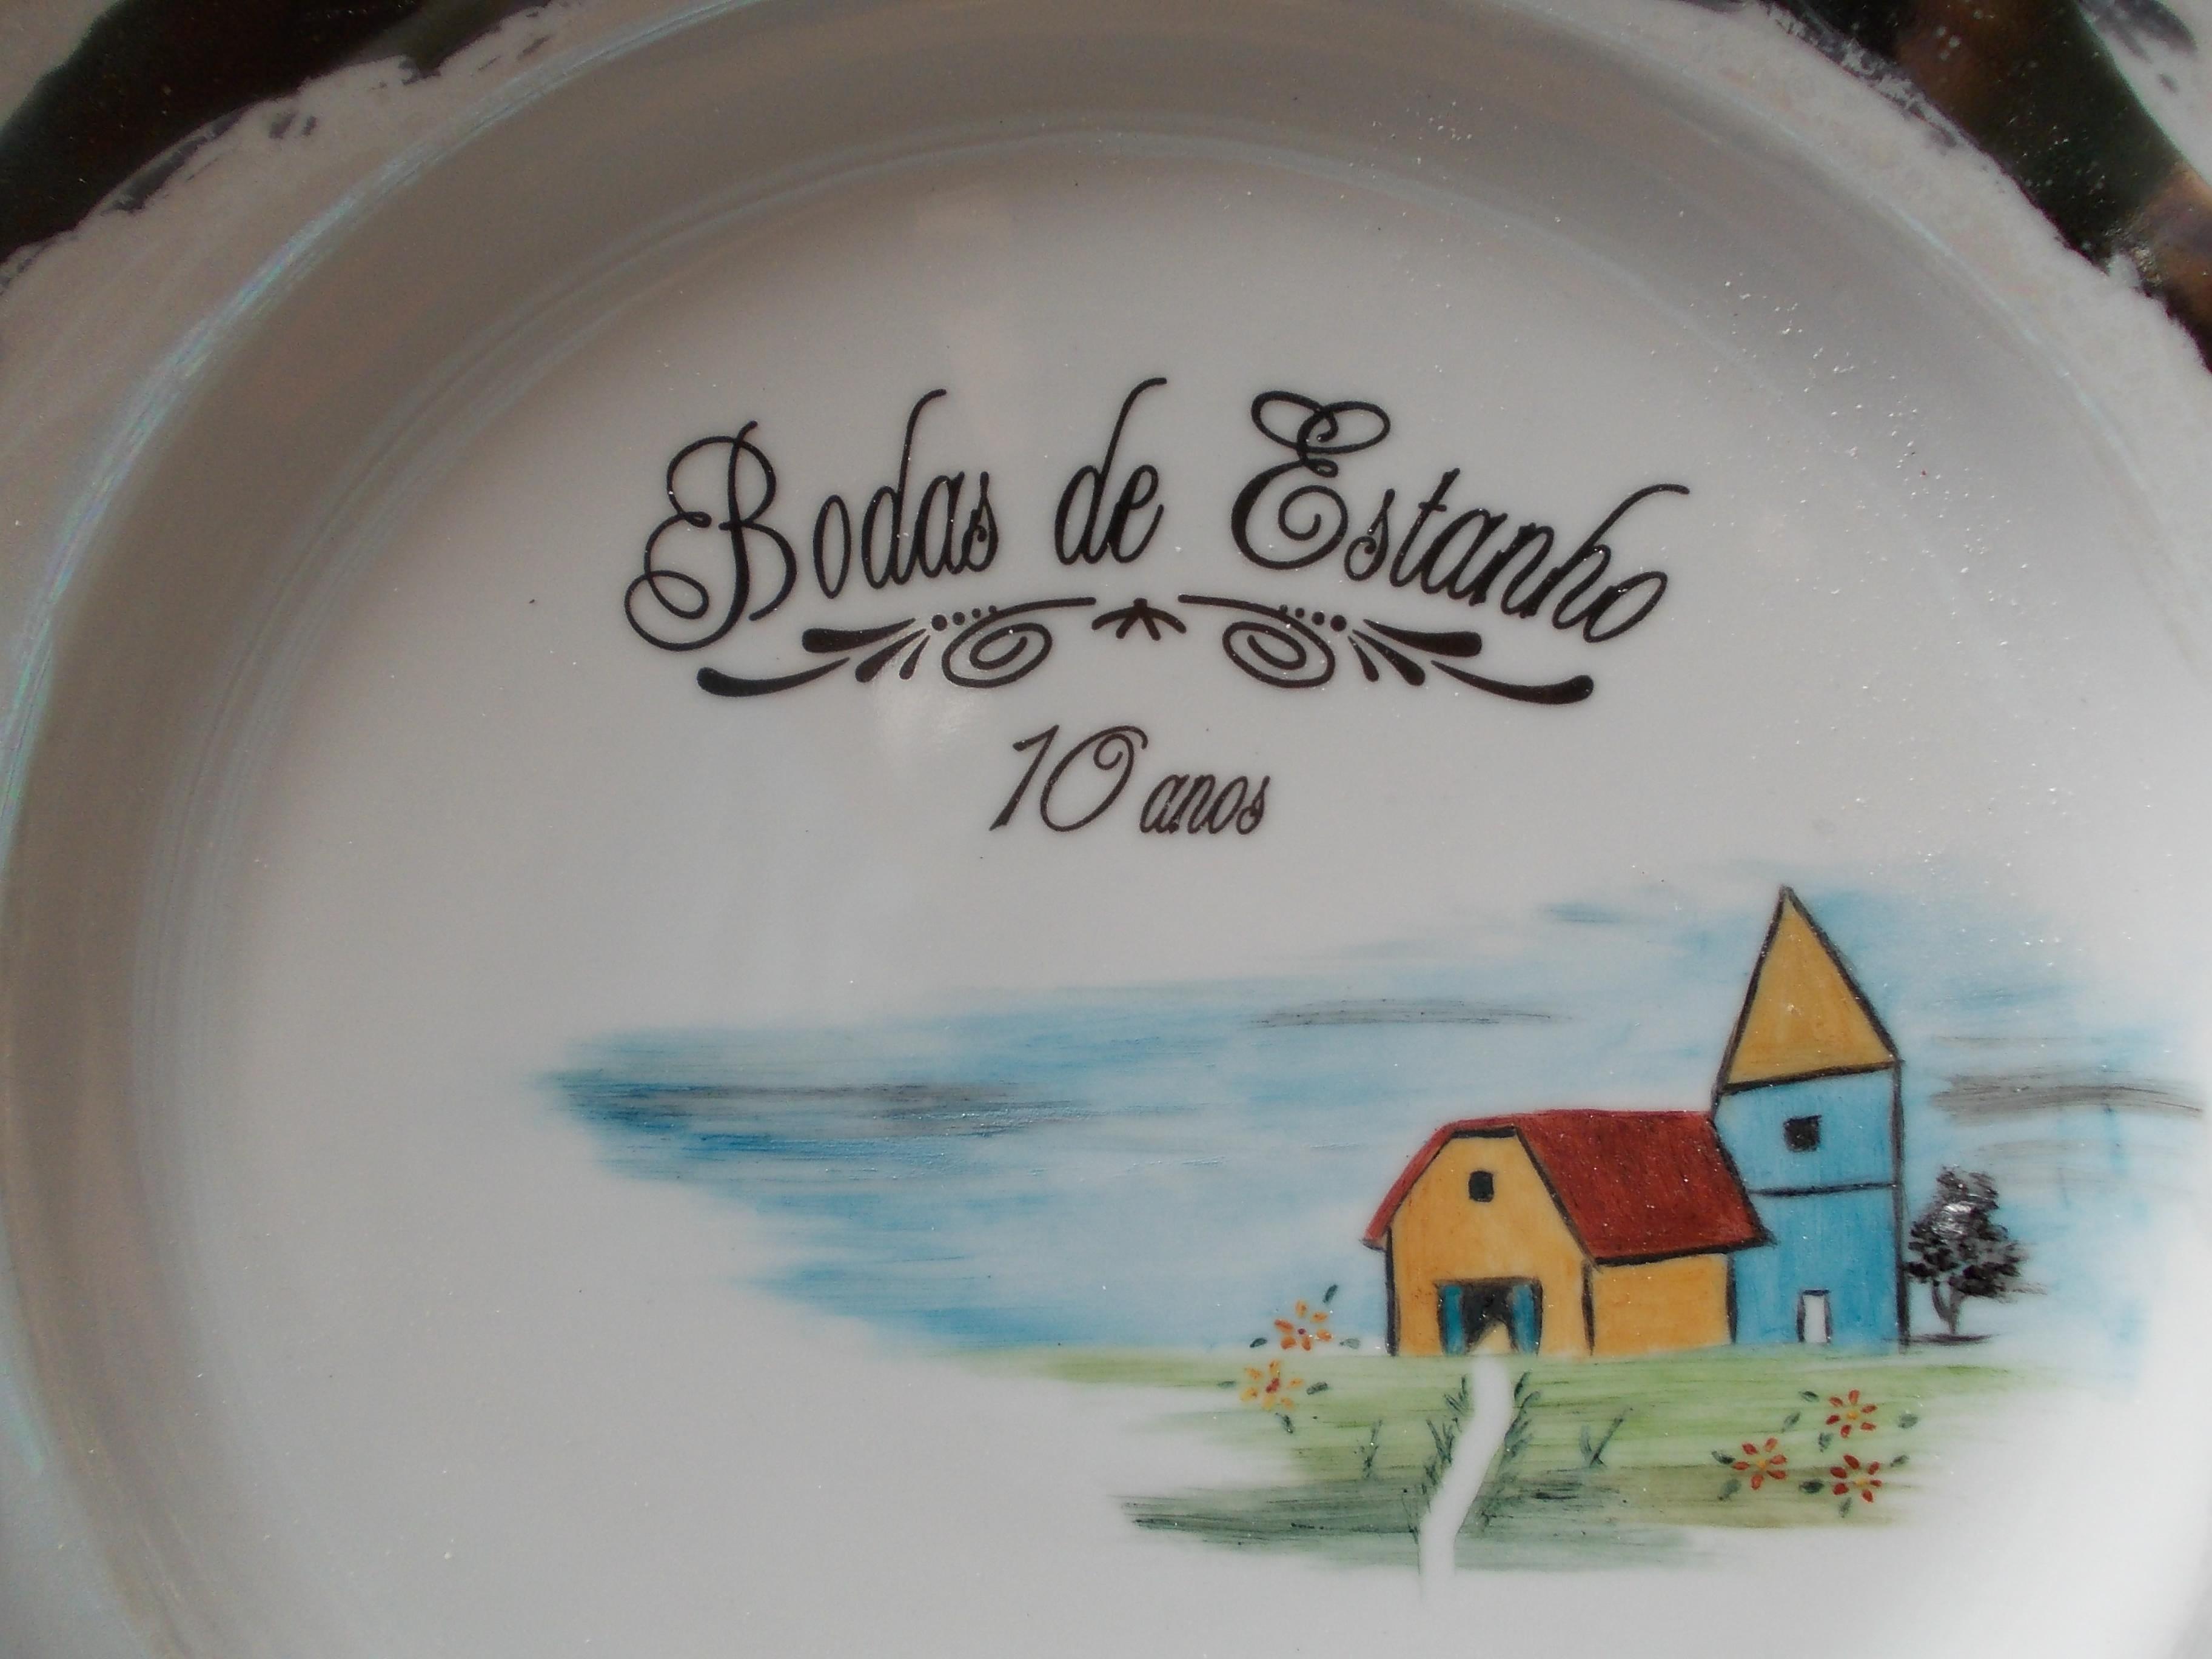 Prato Bodas De Estanho No Elo7 Made In Brazil Arte Moderna 31f007